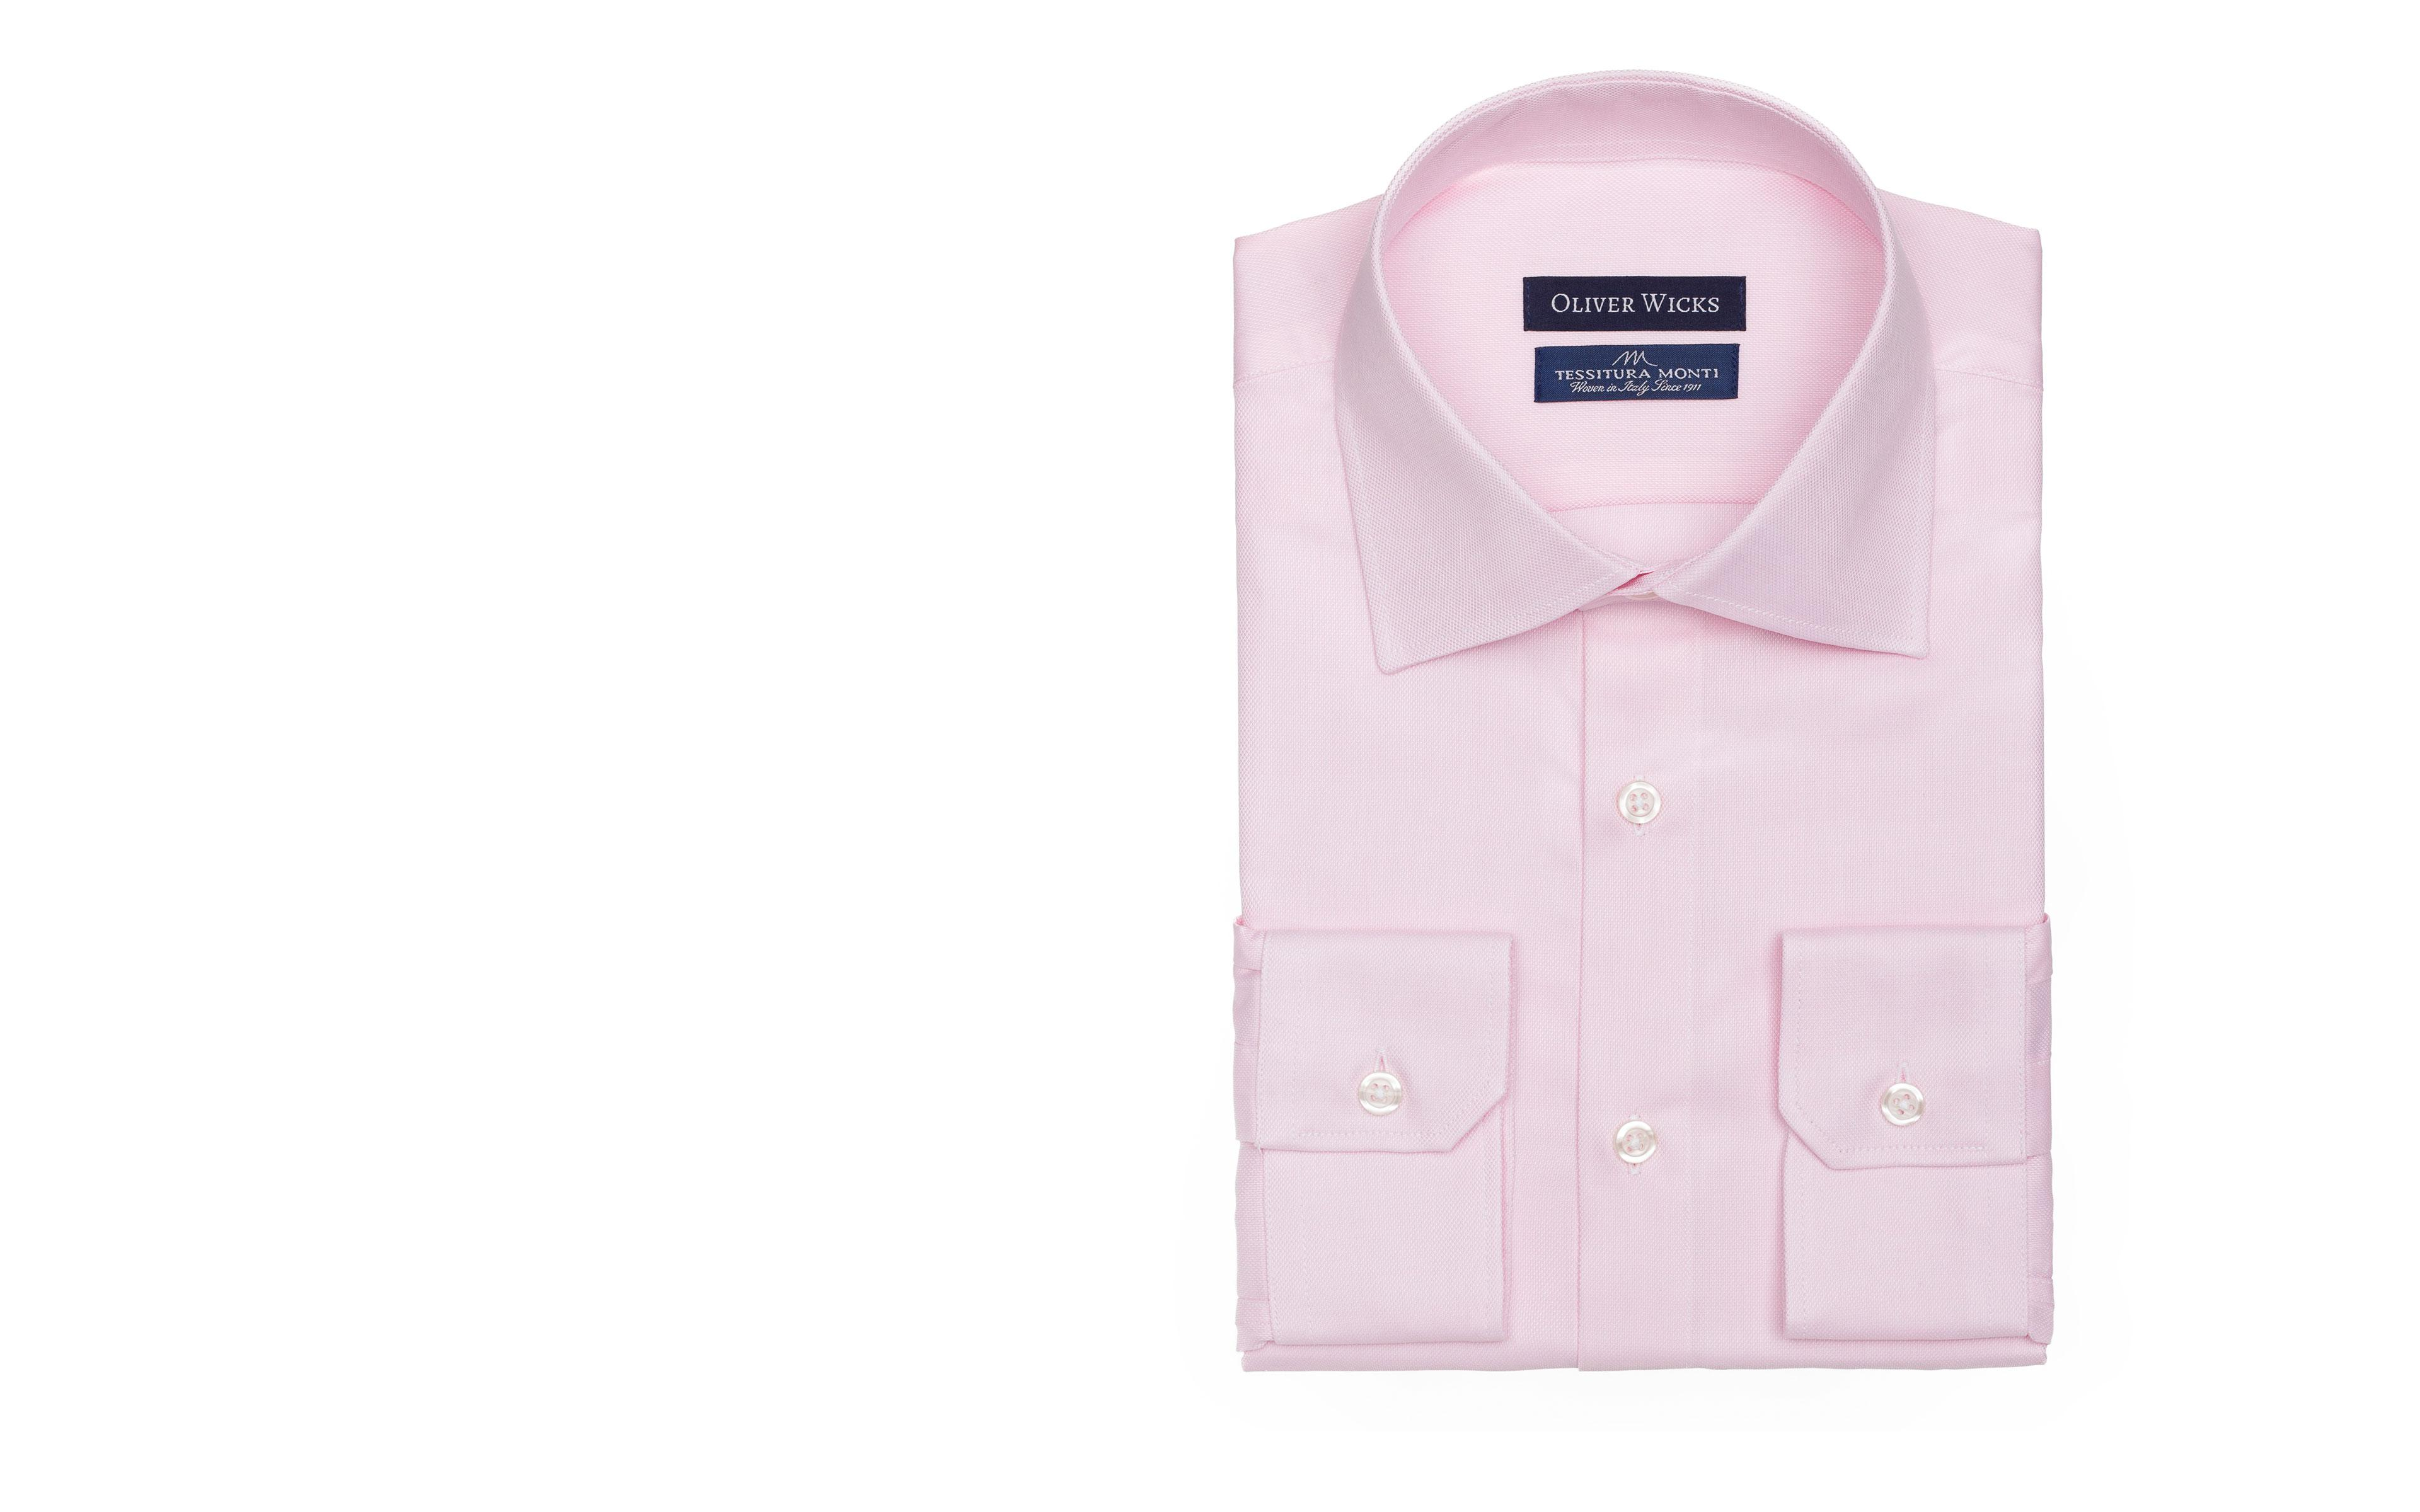 Salmon Two-Ply Cotton Royal Oxford Shirt